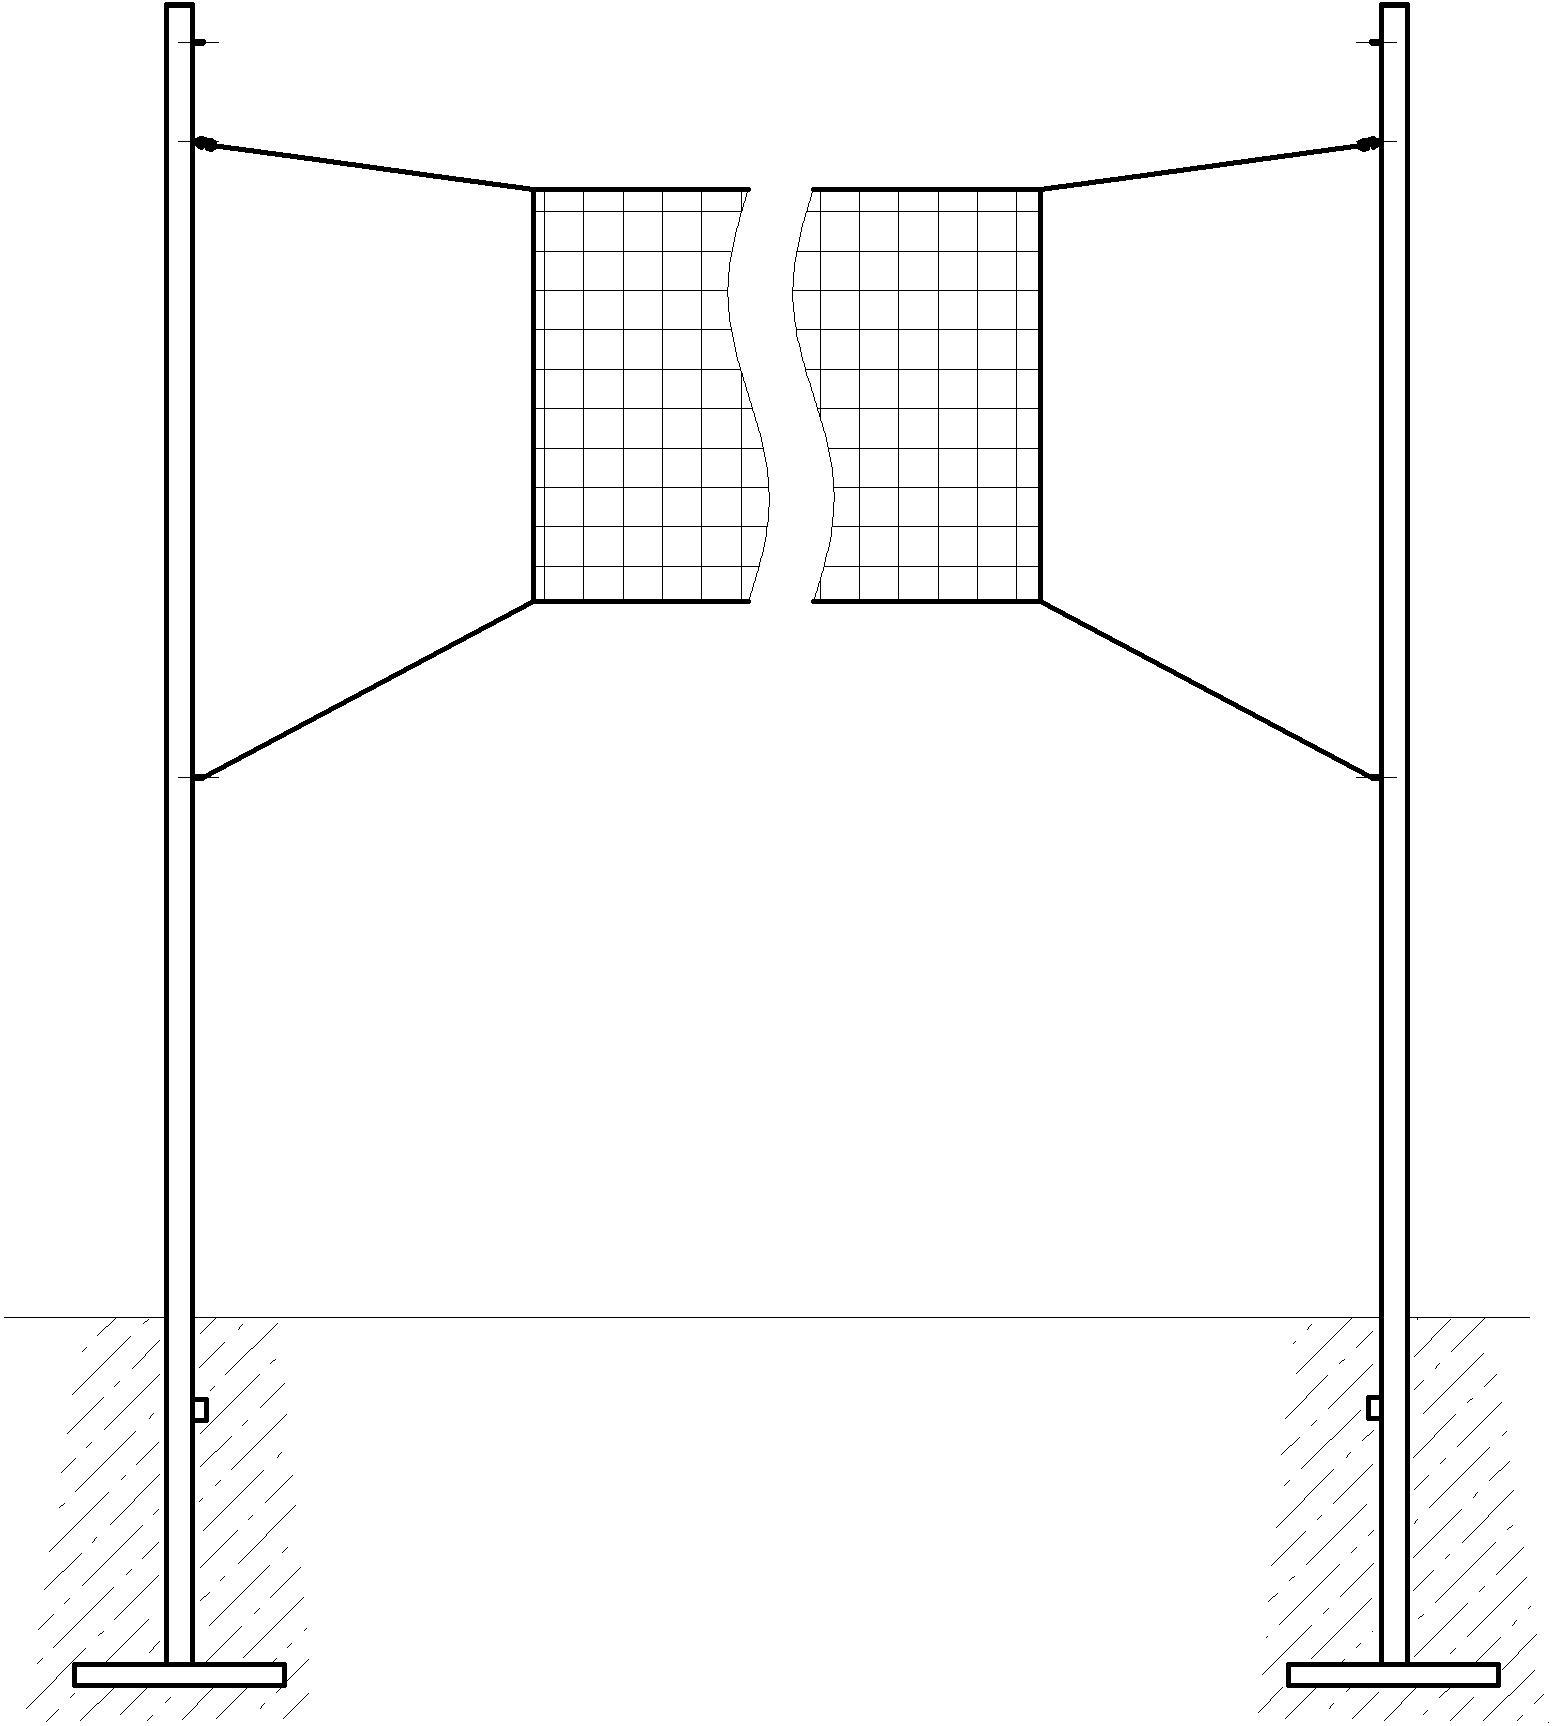 размеры волейбольная площадка схема